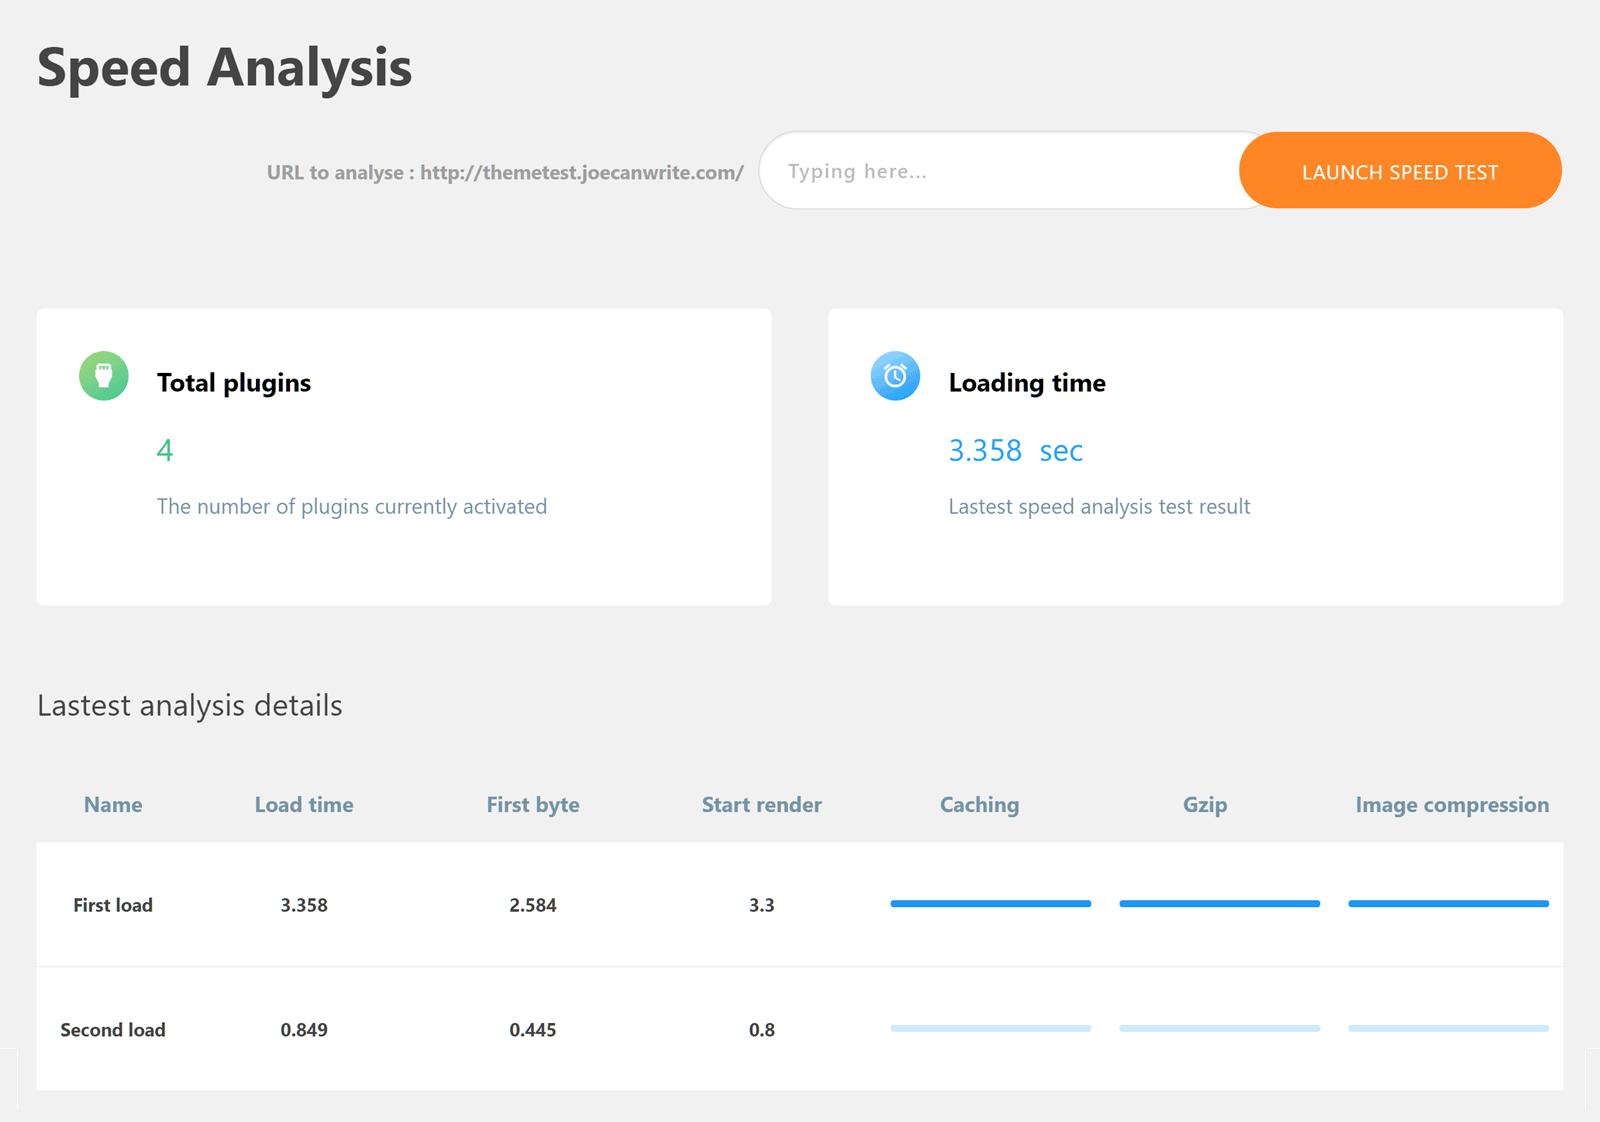 Lista de resultados de velocidad del sitio